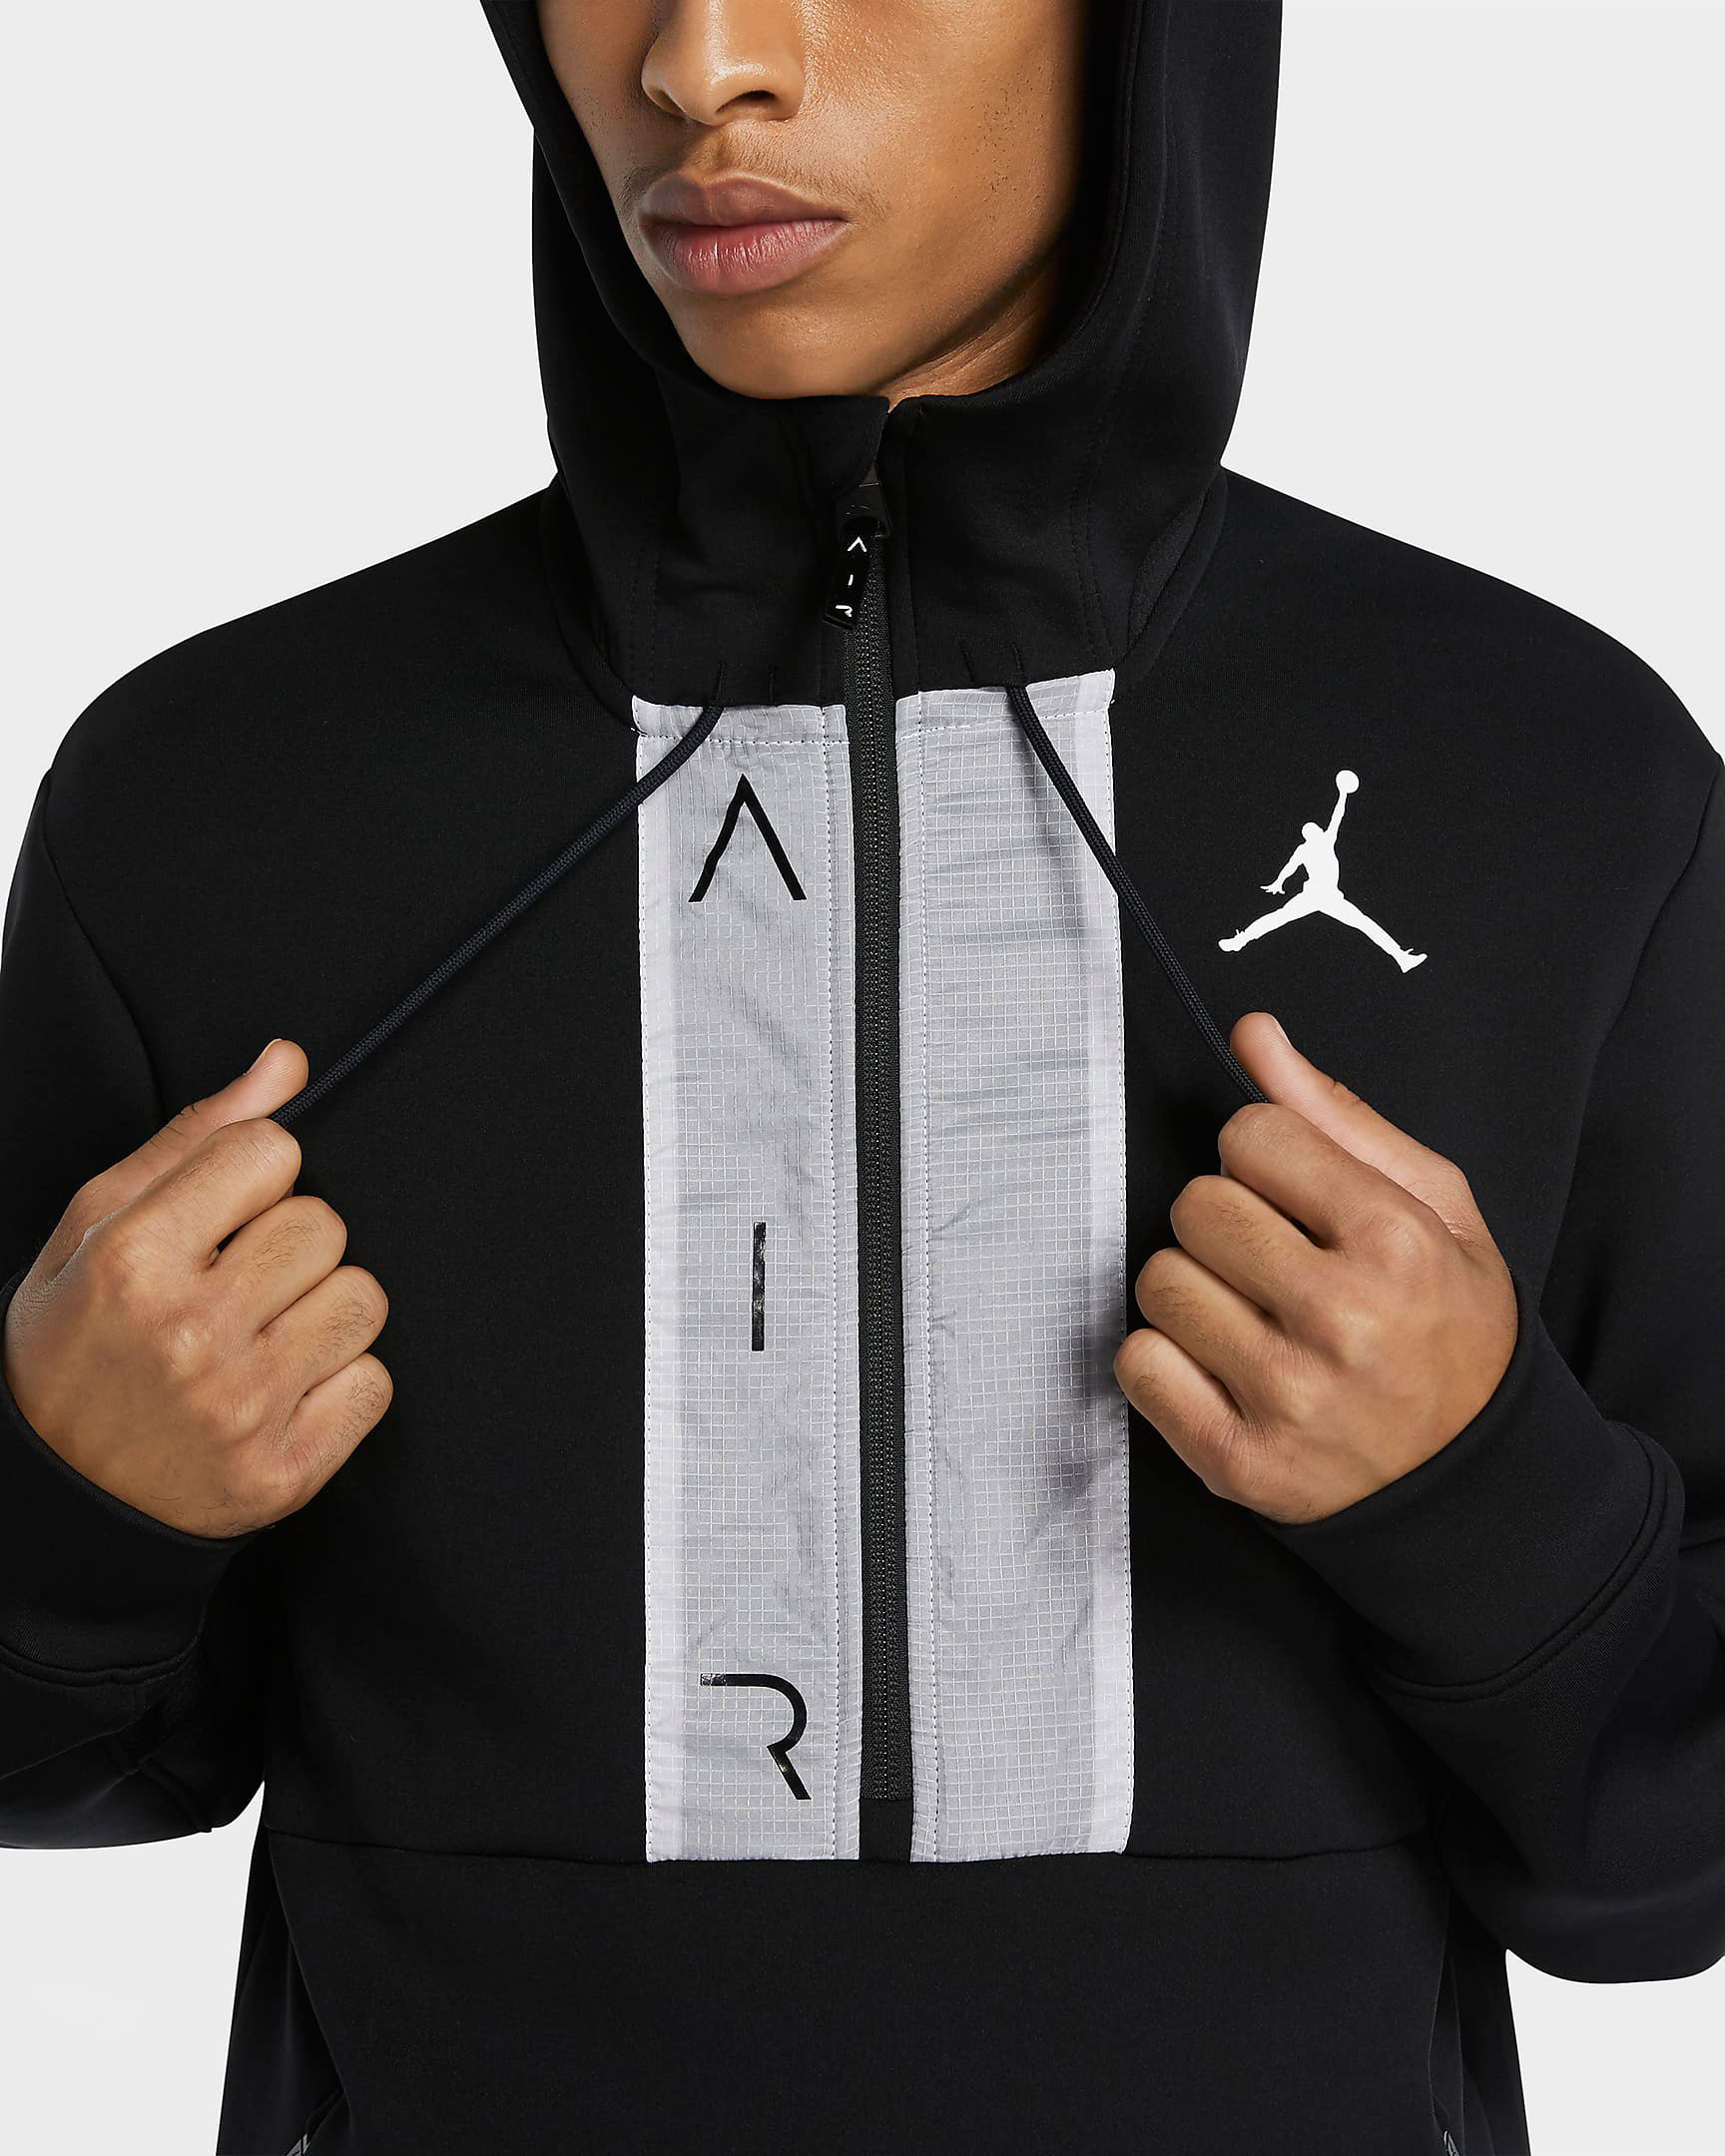 air-jordan-11-jubilee-black-white-jordan-hoodie-1